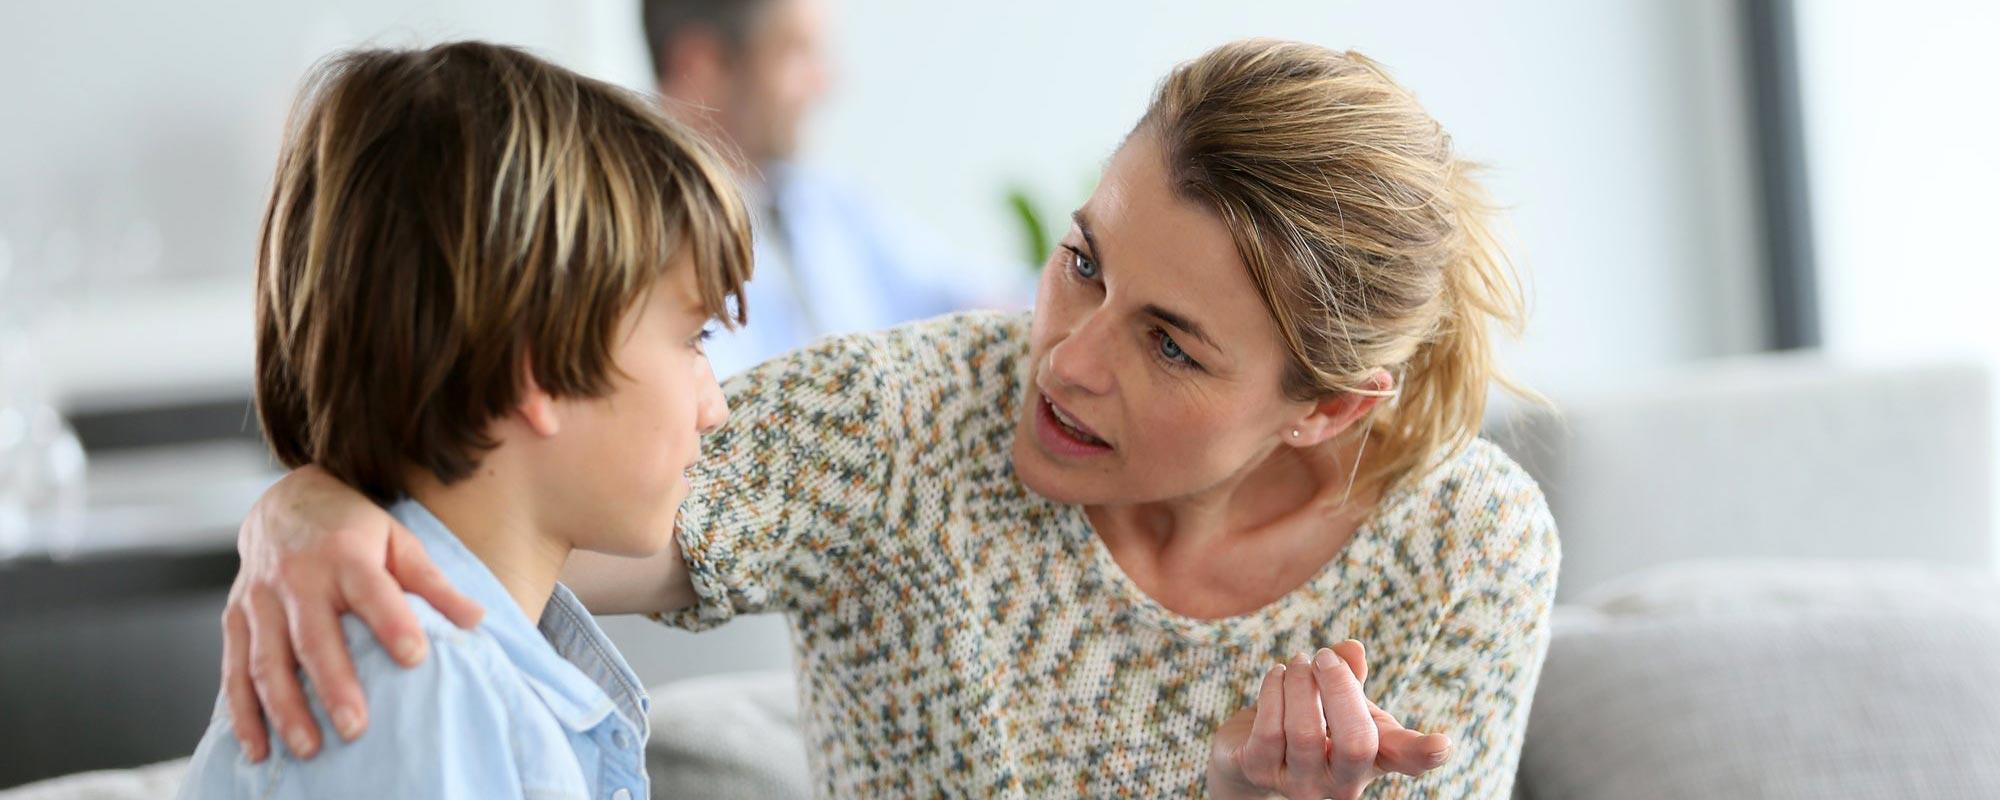 Hogar Abierto - Intervención Familiar: Con la Familia